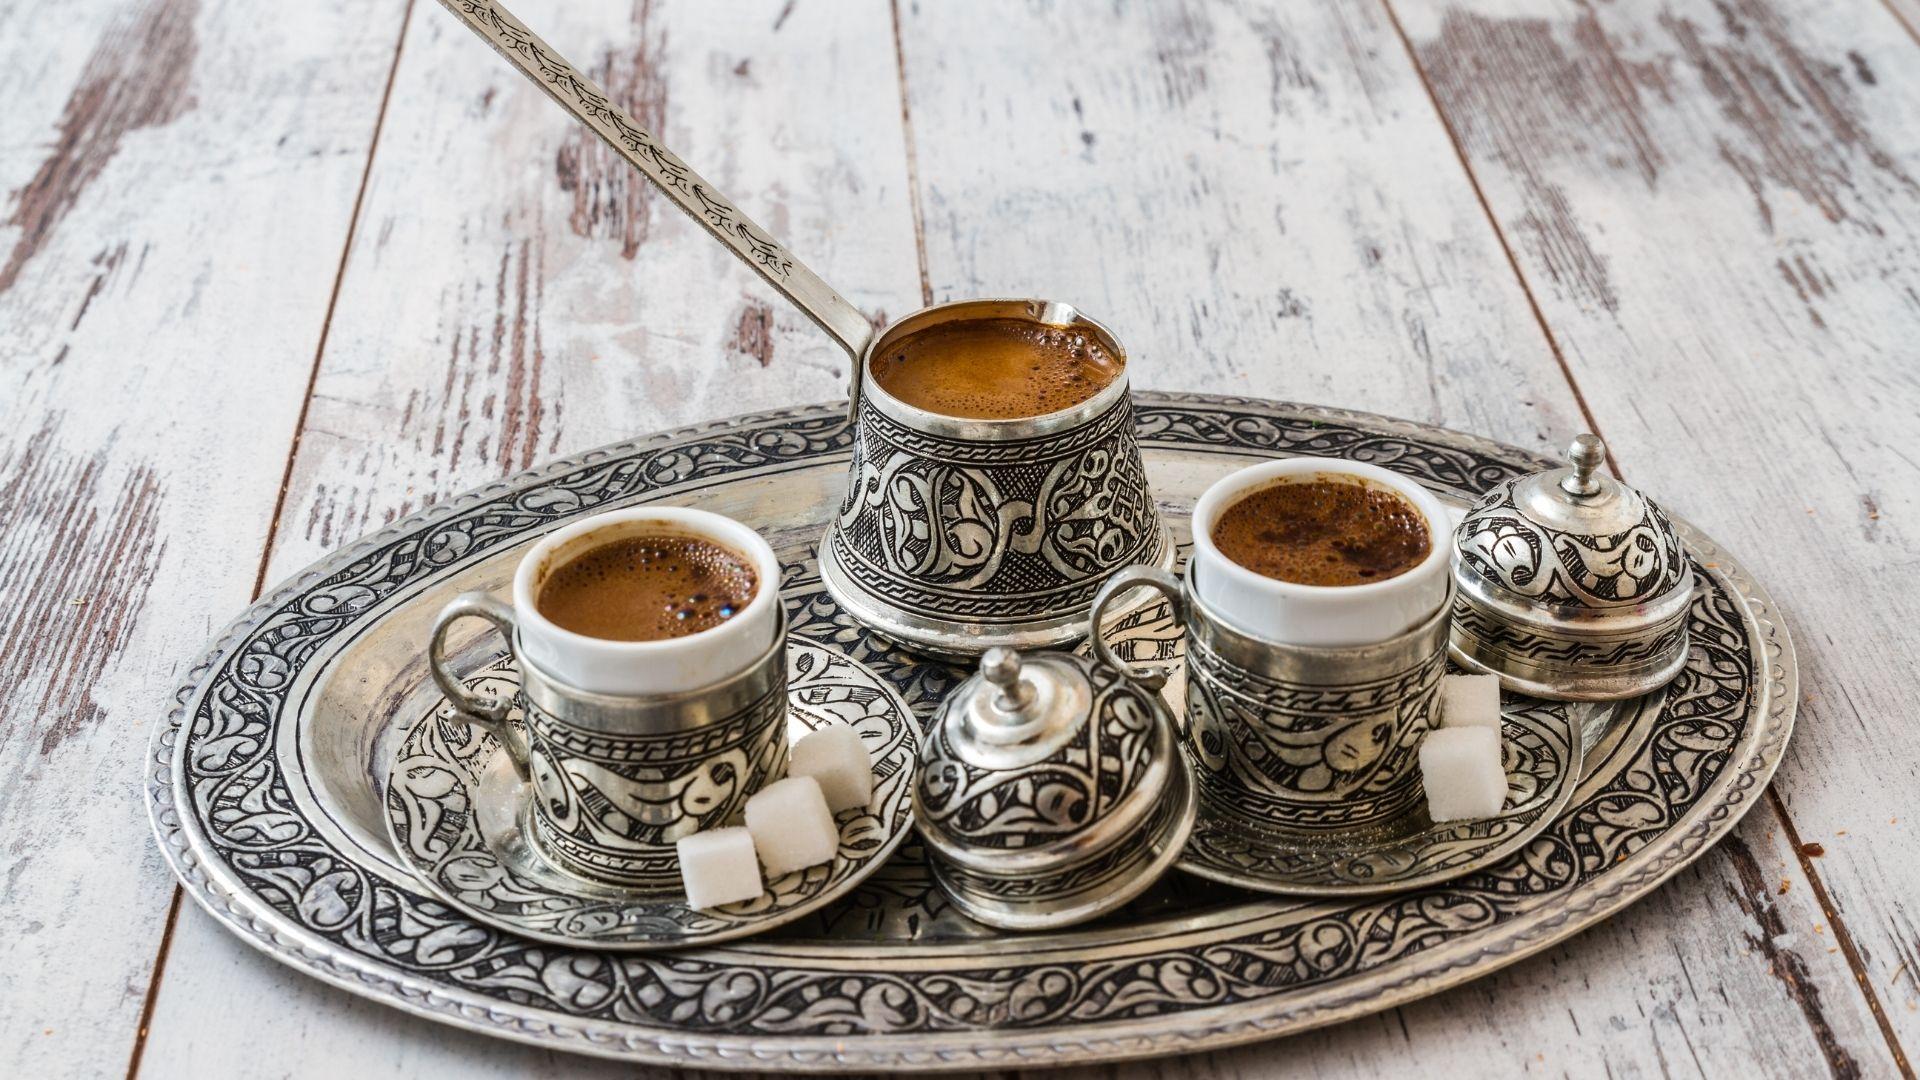 Tanulja meg, hogyan készítsen török kávét otthon anyámtól megtanult módon. A következő bejegyzés lépésről lépésre mutatjuk be, amely bemutatja a szükséges felszerelést, az édesanyámnak a török kávé recept változatának megfelelő kiszolgálását, valamint néhány információt a török kávéról és jövendőmondásról.